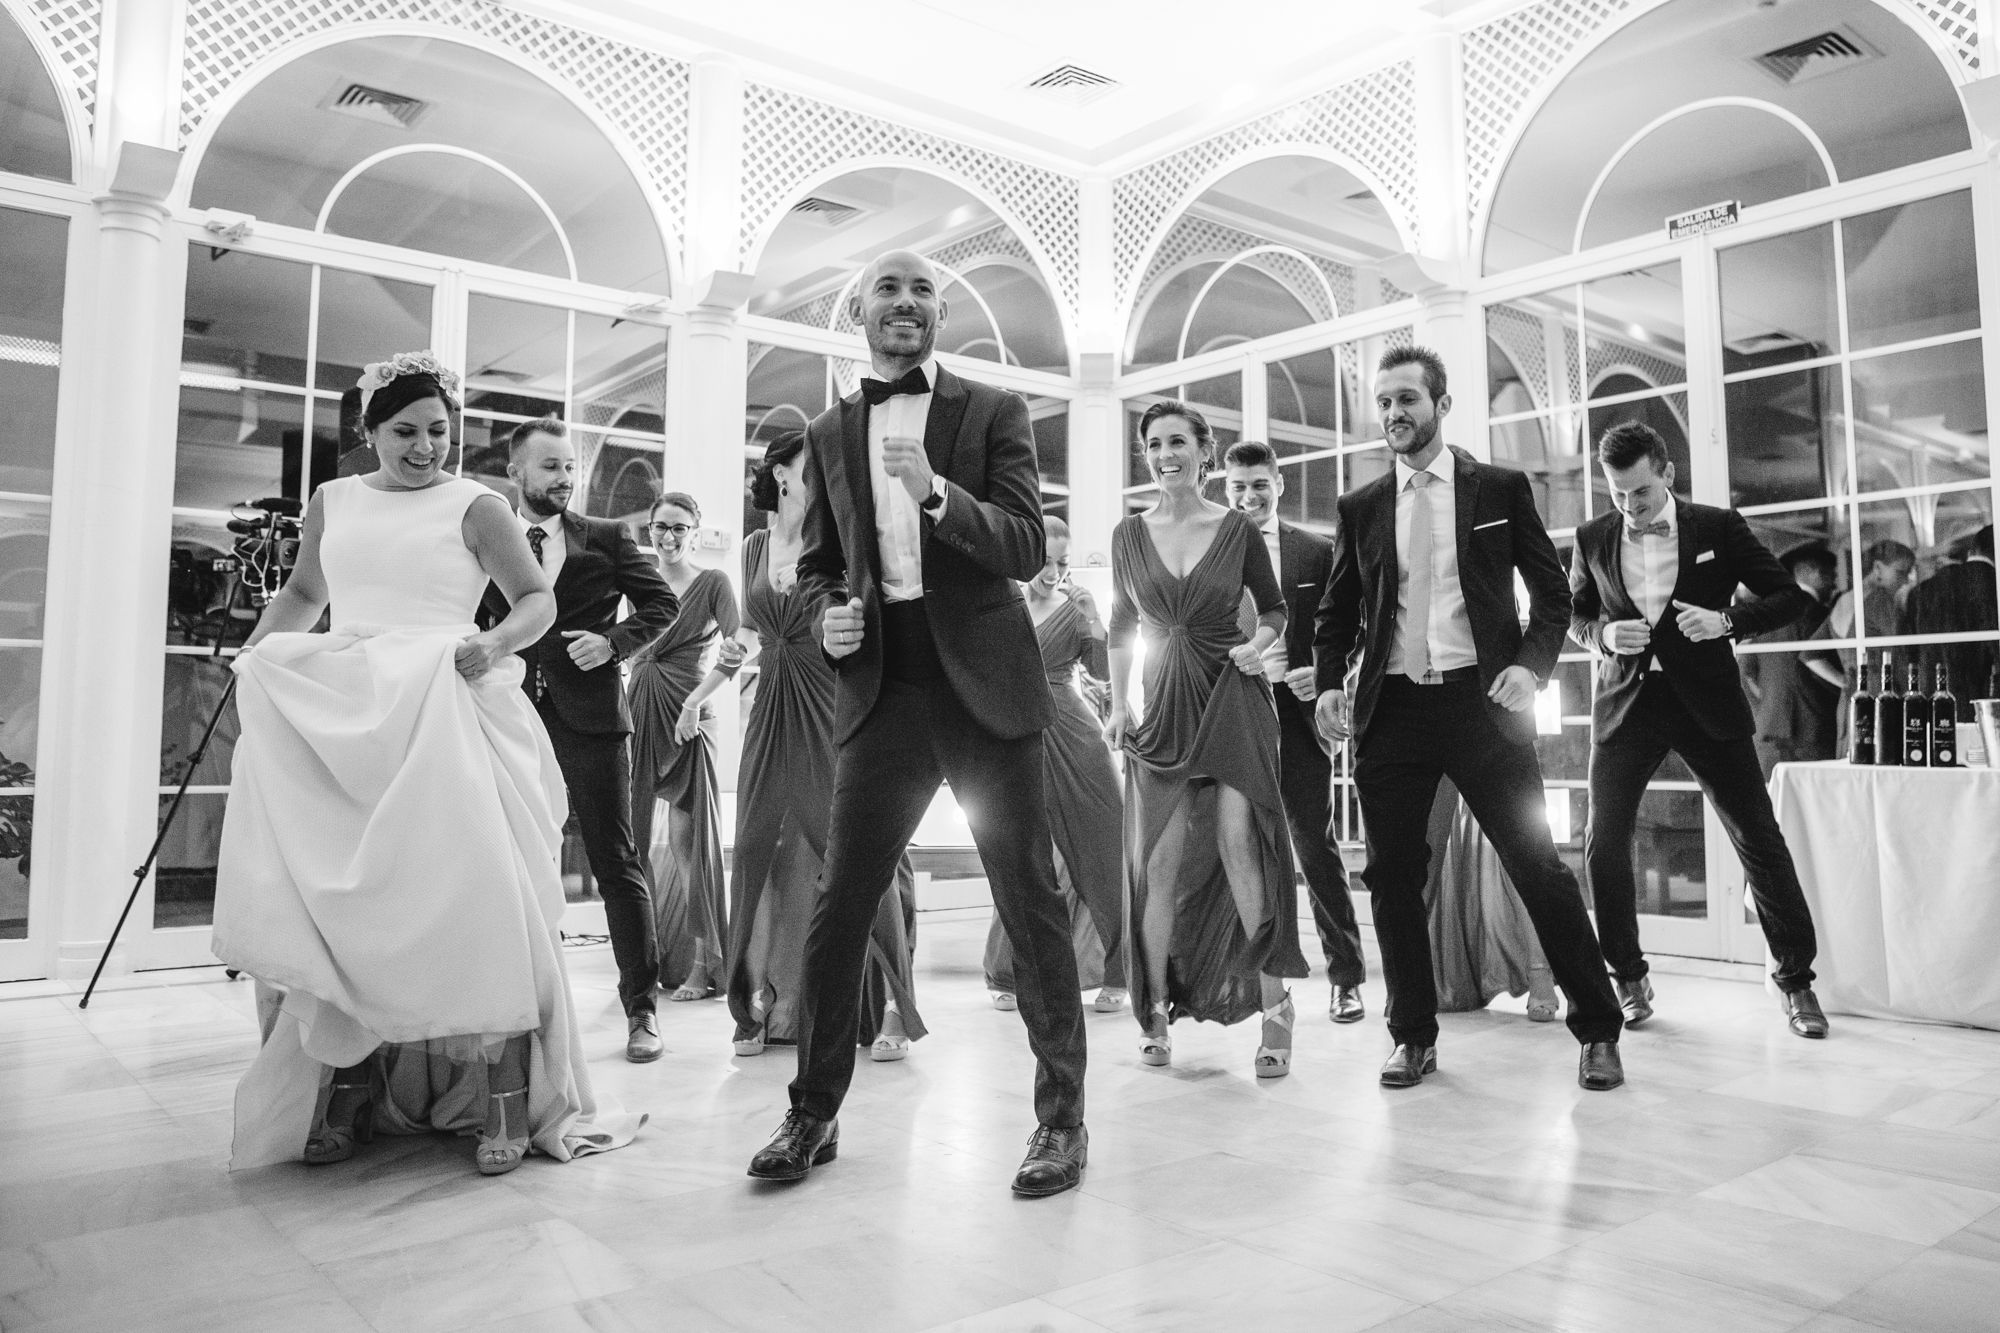 La boda de Amanda y Jorge en Villa Luisa 42